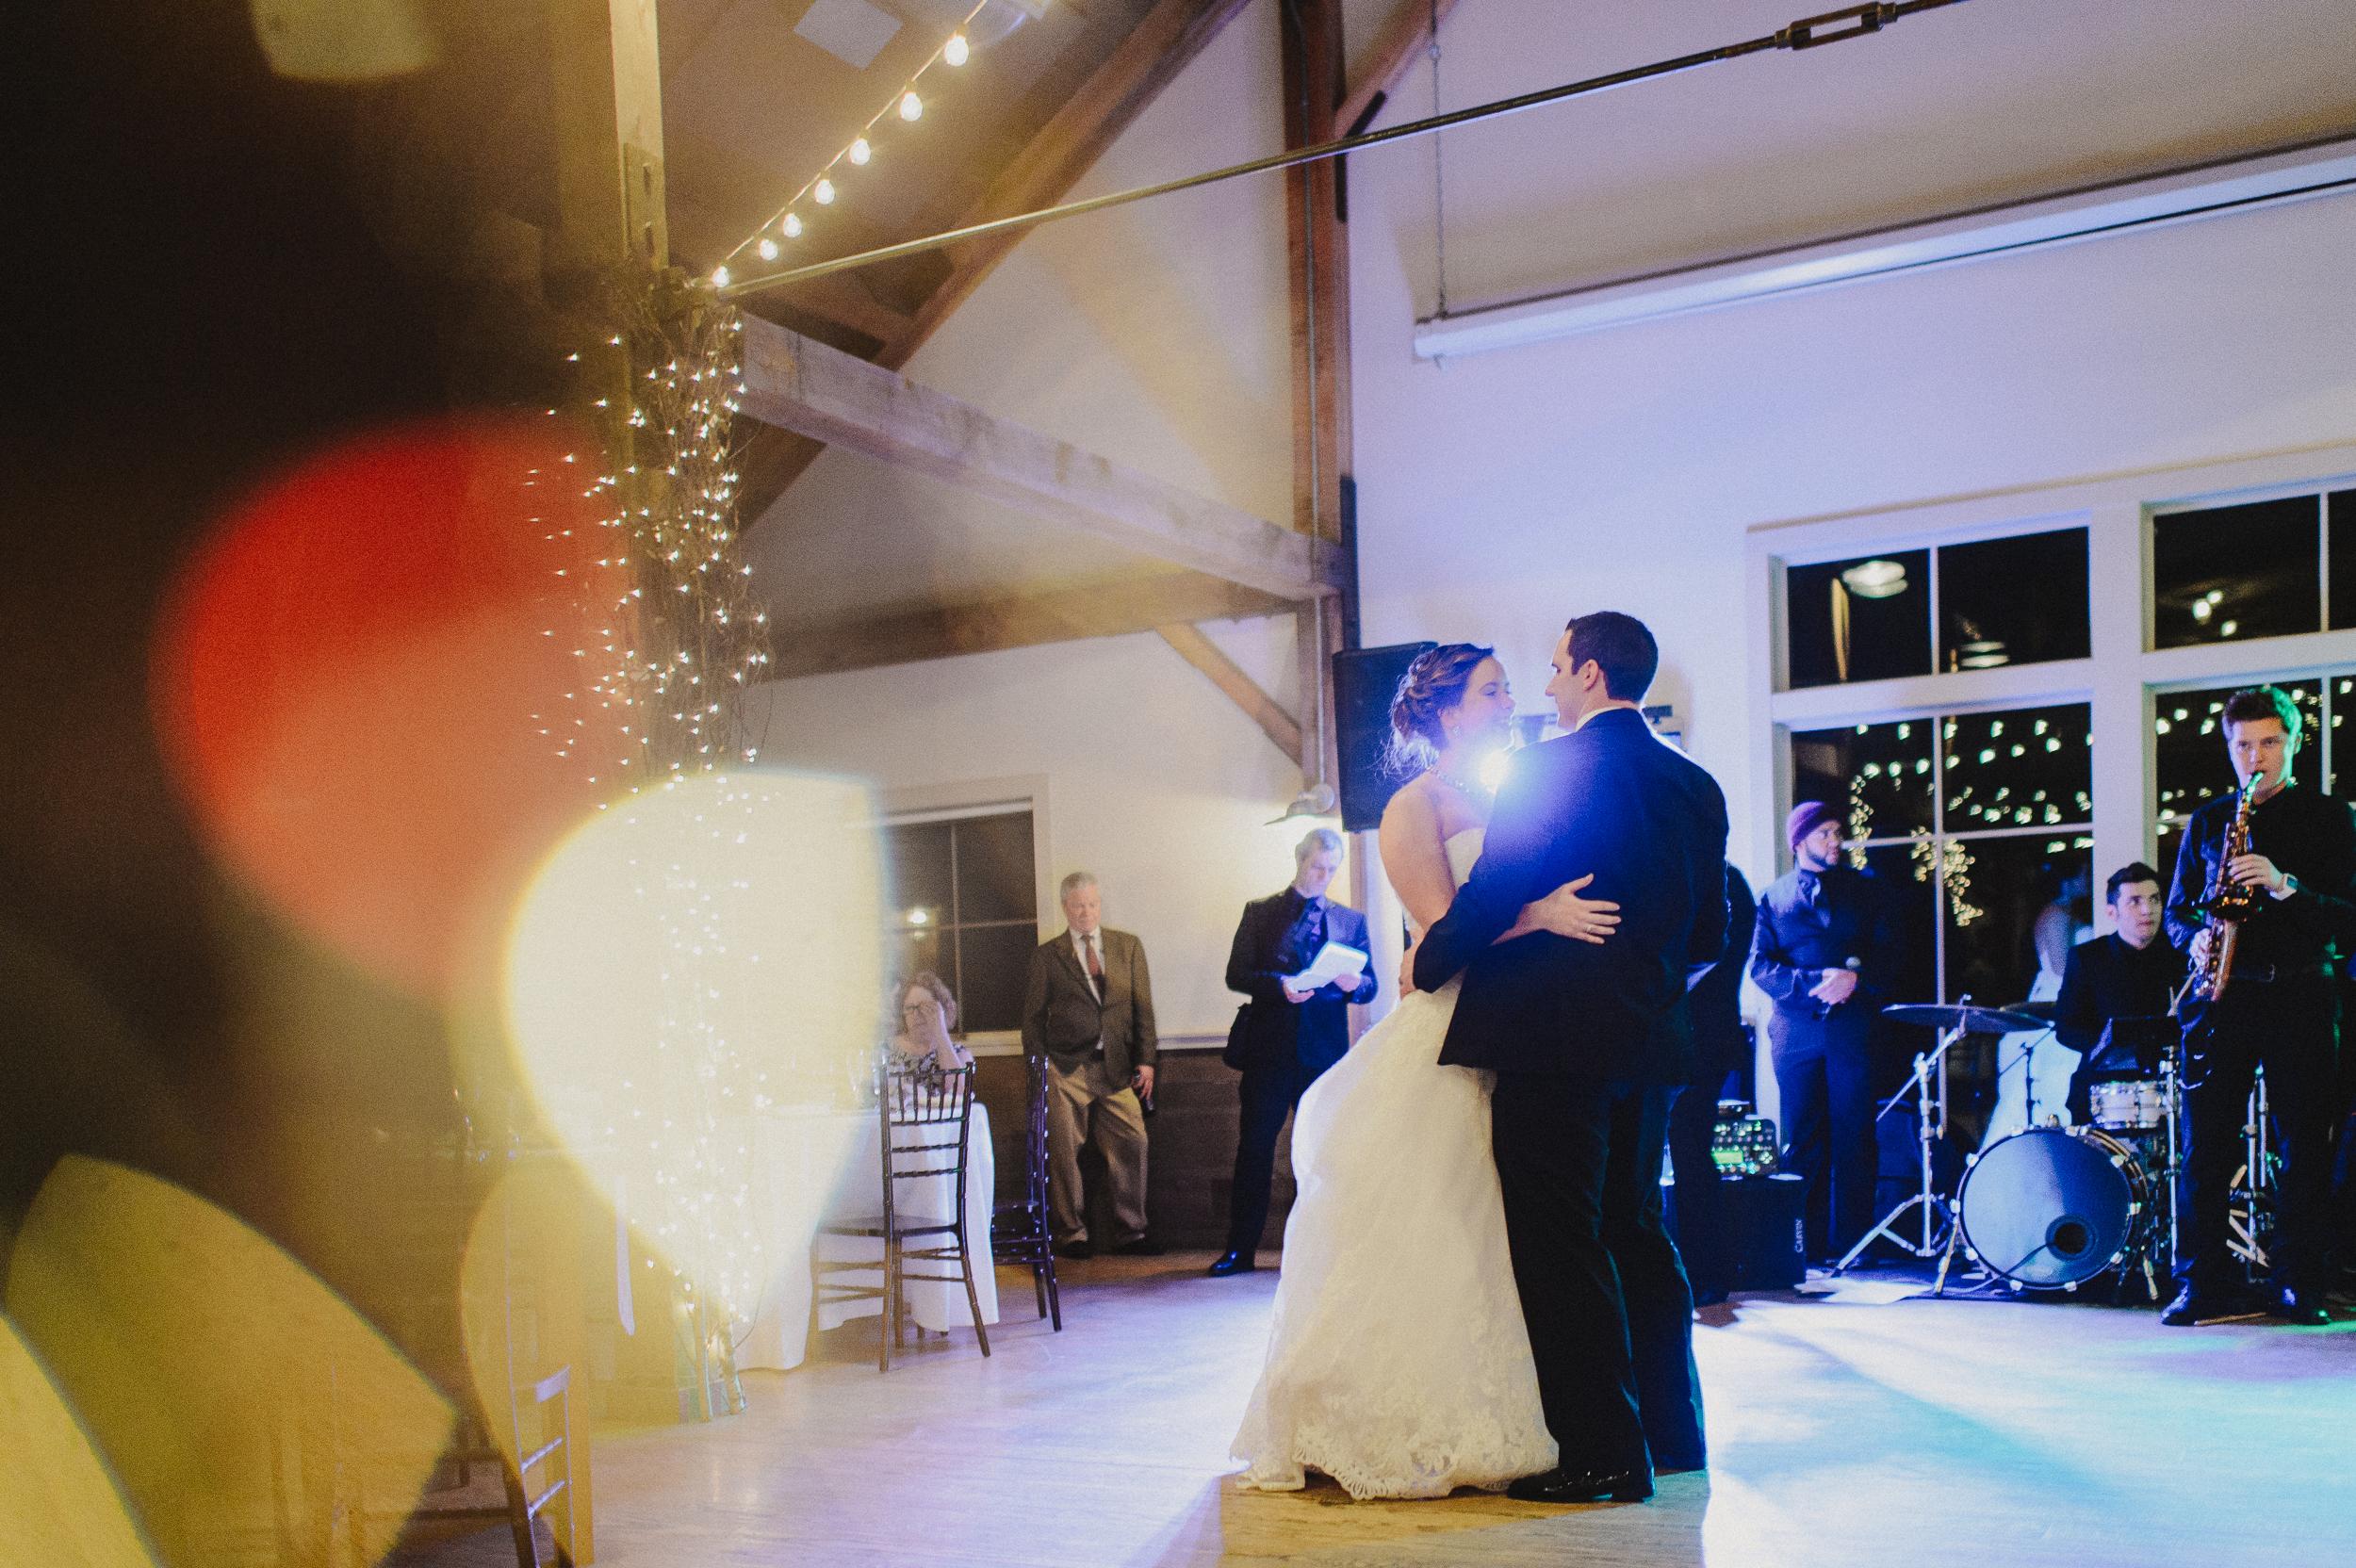 vermont-destination-wedding-photographer-59.jpg